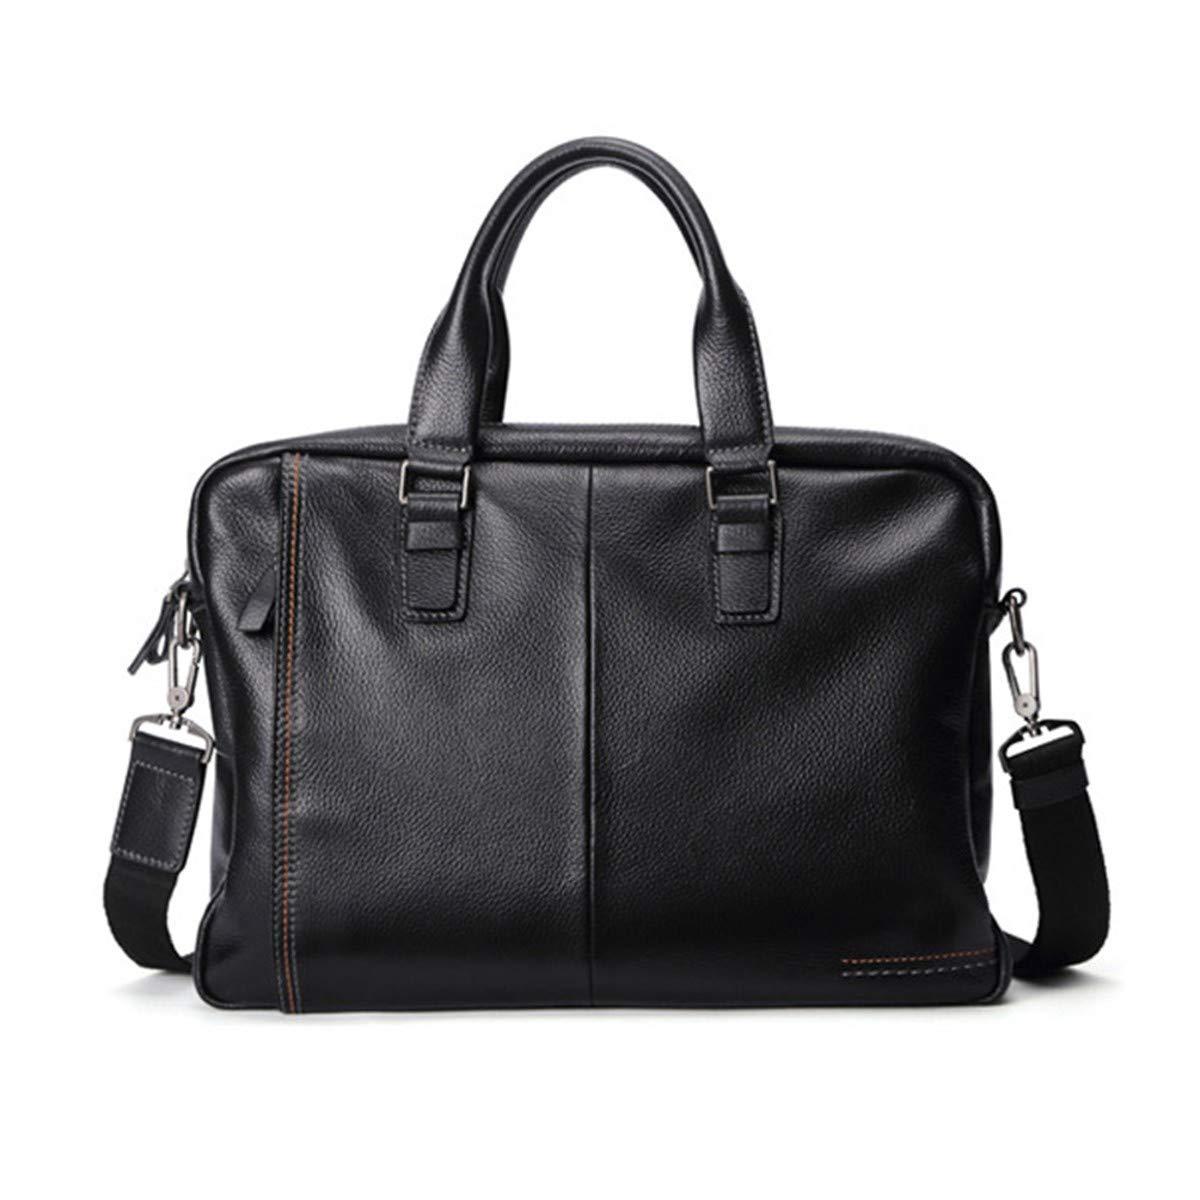 Lianai11 Laptoptasche Herren Tasche Herren Aktentasche große Kapazität Geschäft Damen Tasche Herren Schulter Messenger Bag Laptoptasche